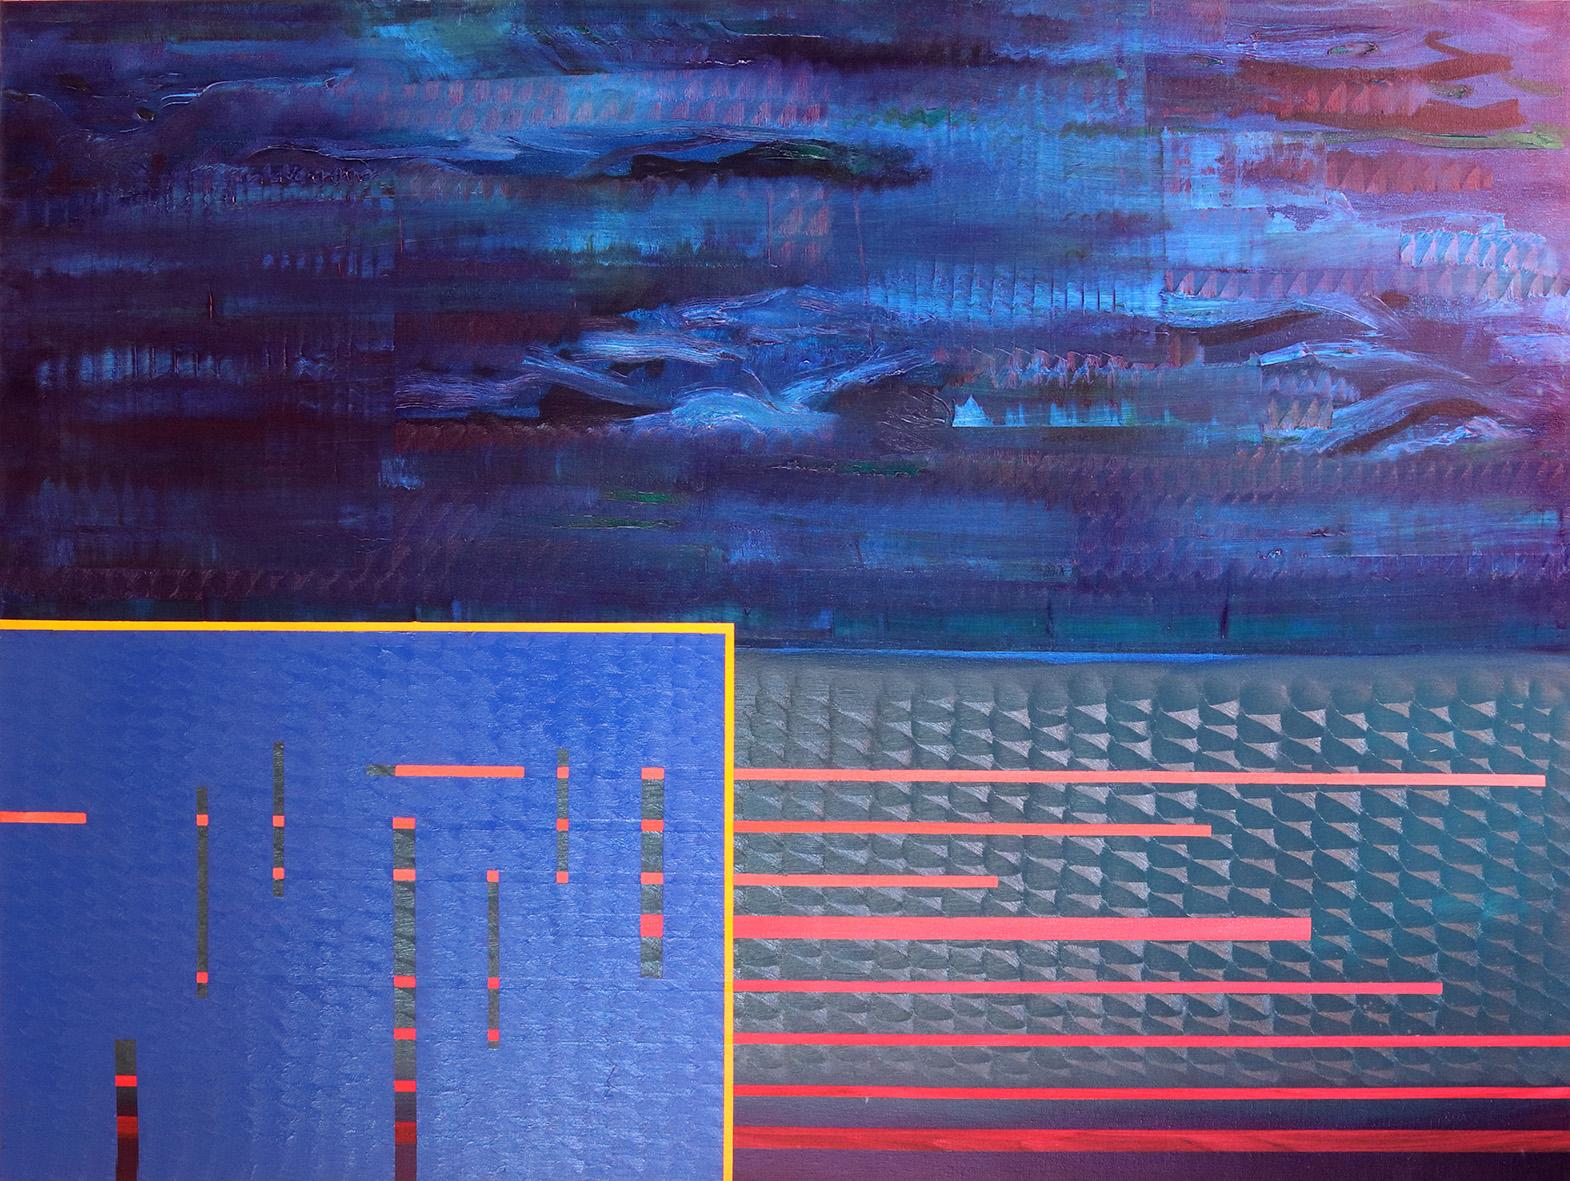 Redline horizon (v 3.0) (97x130cm) 2019